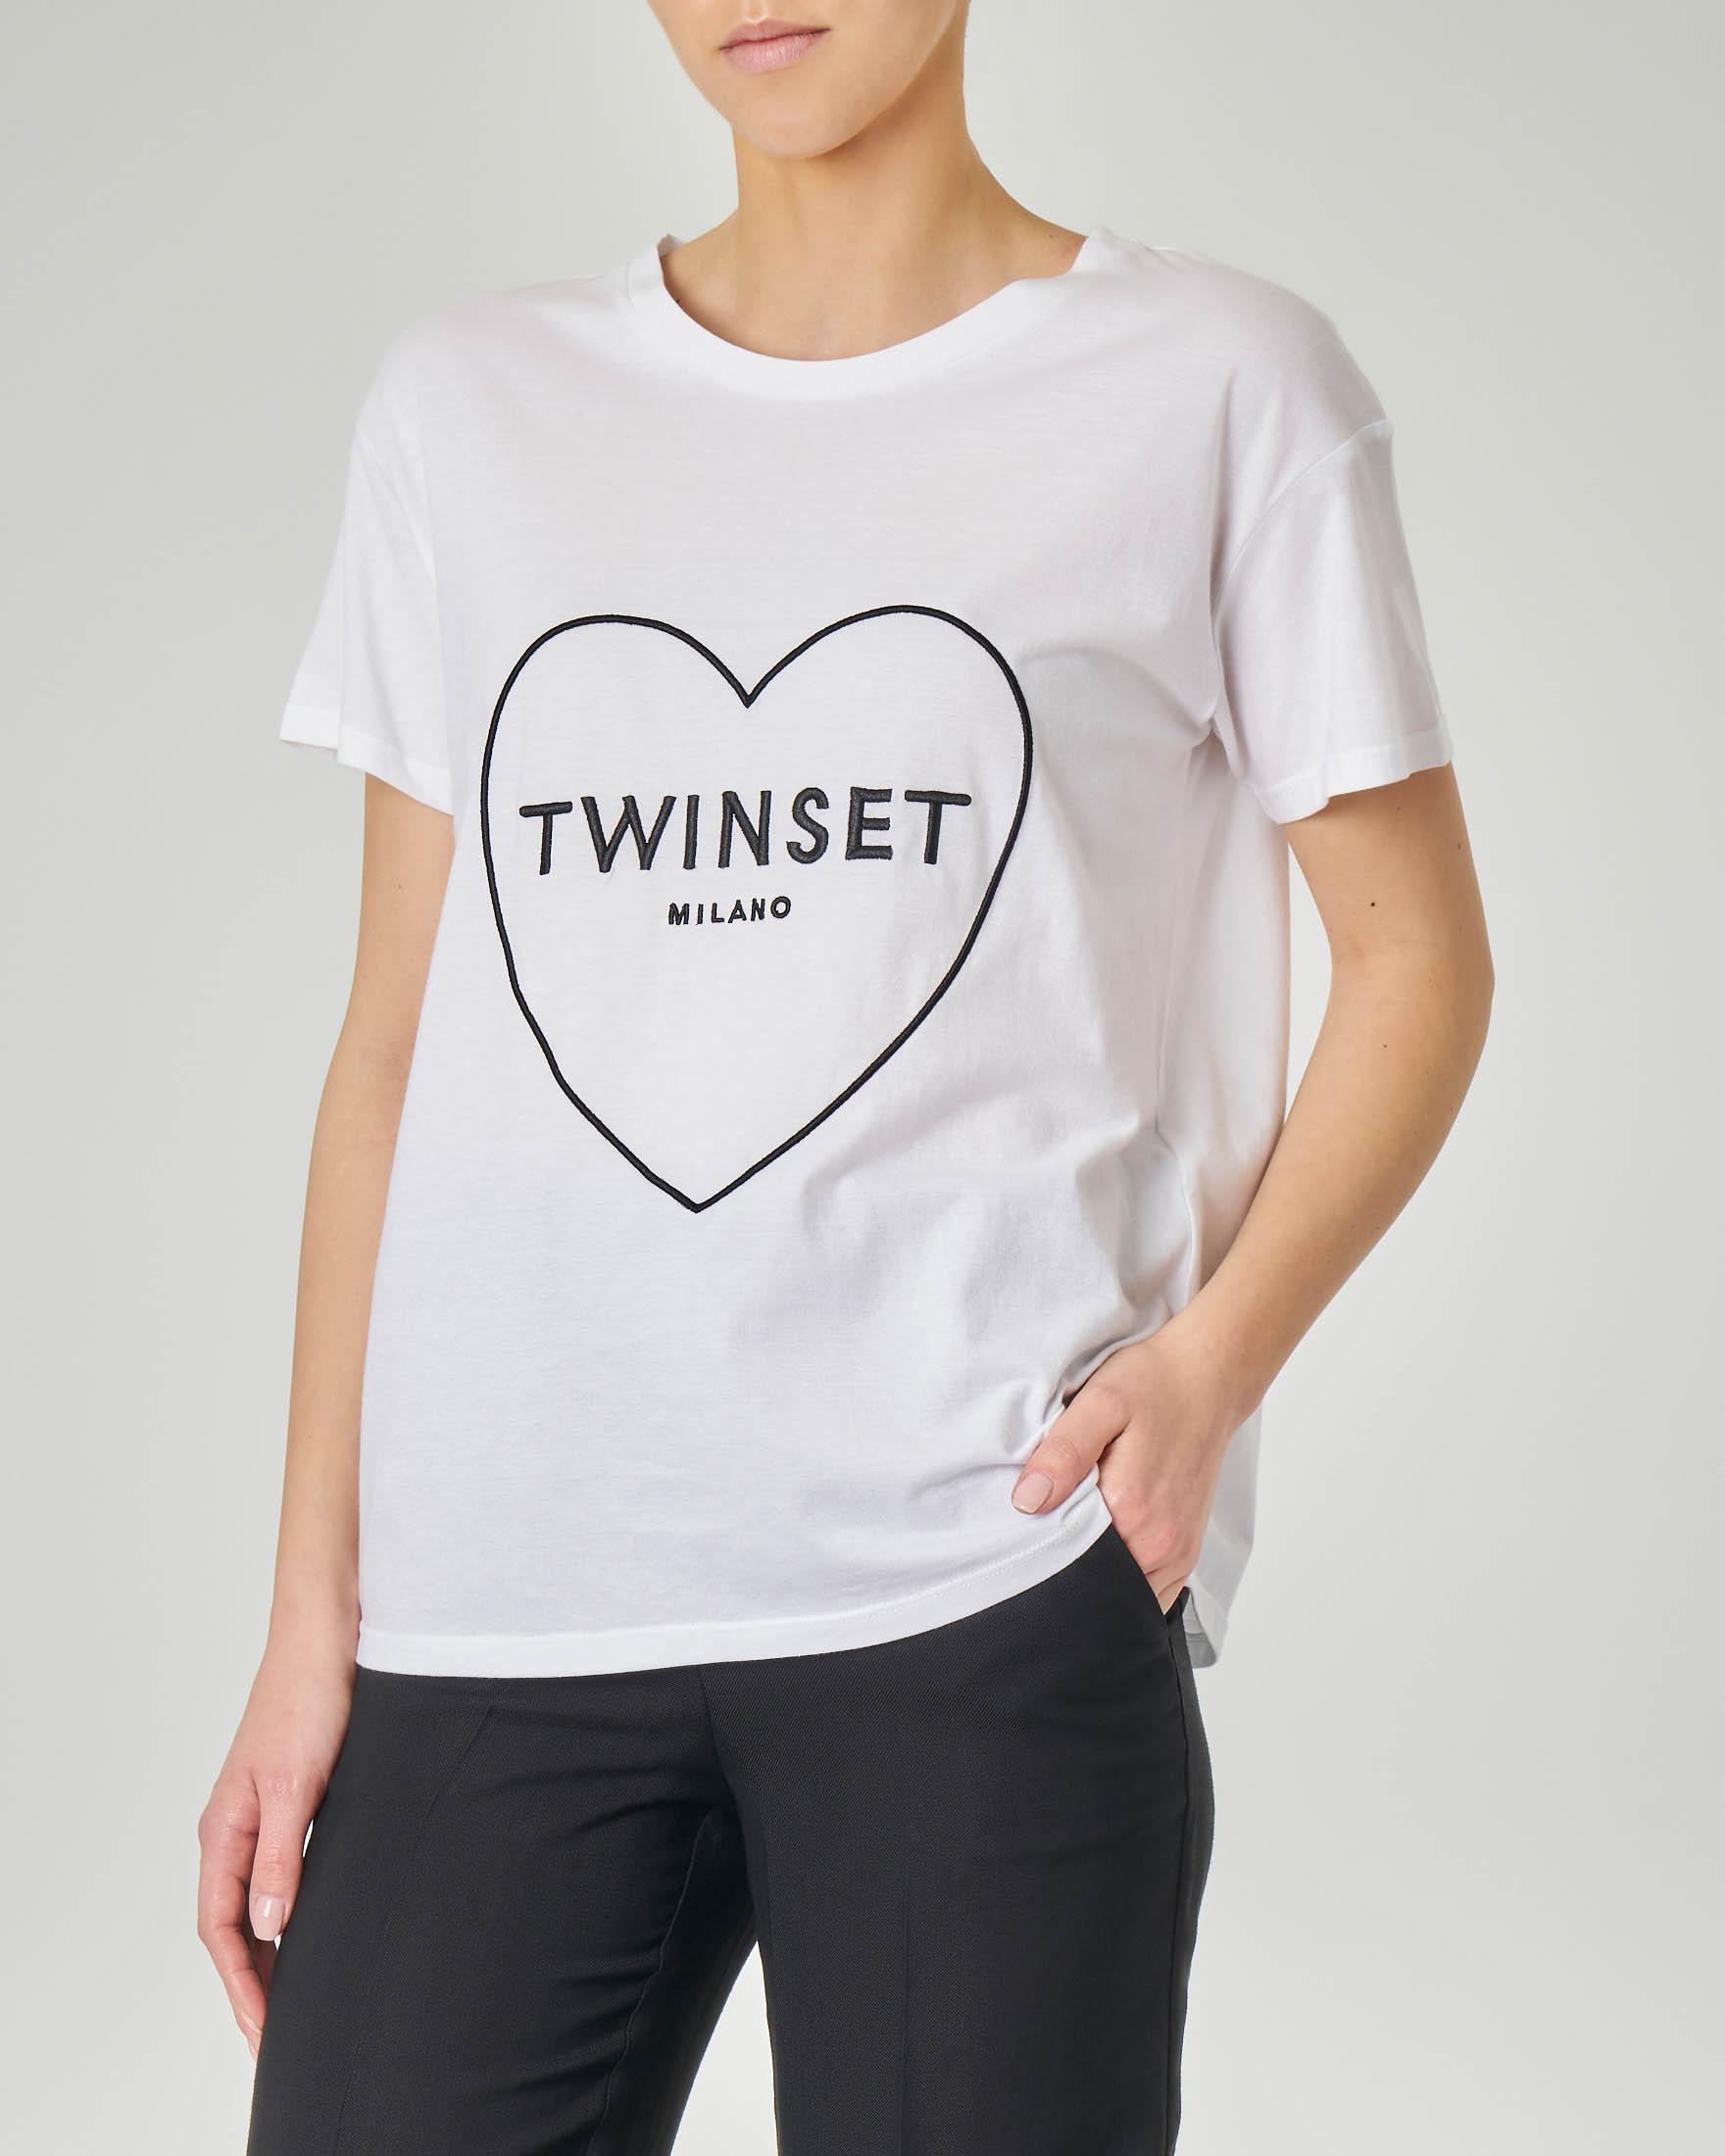 T-shirt bianca maniche corte con ricamo a cuore e logo a contrasto